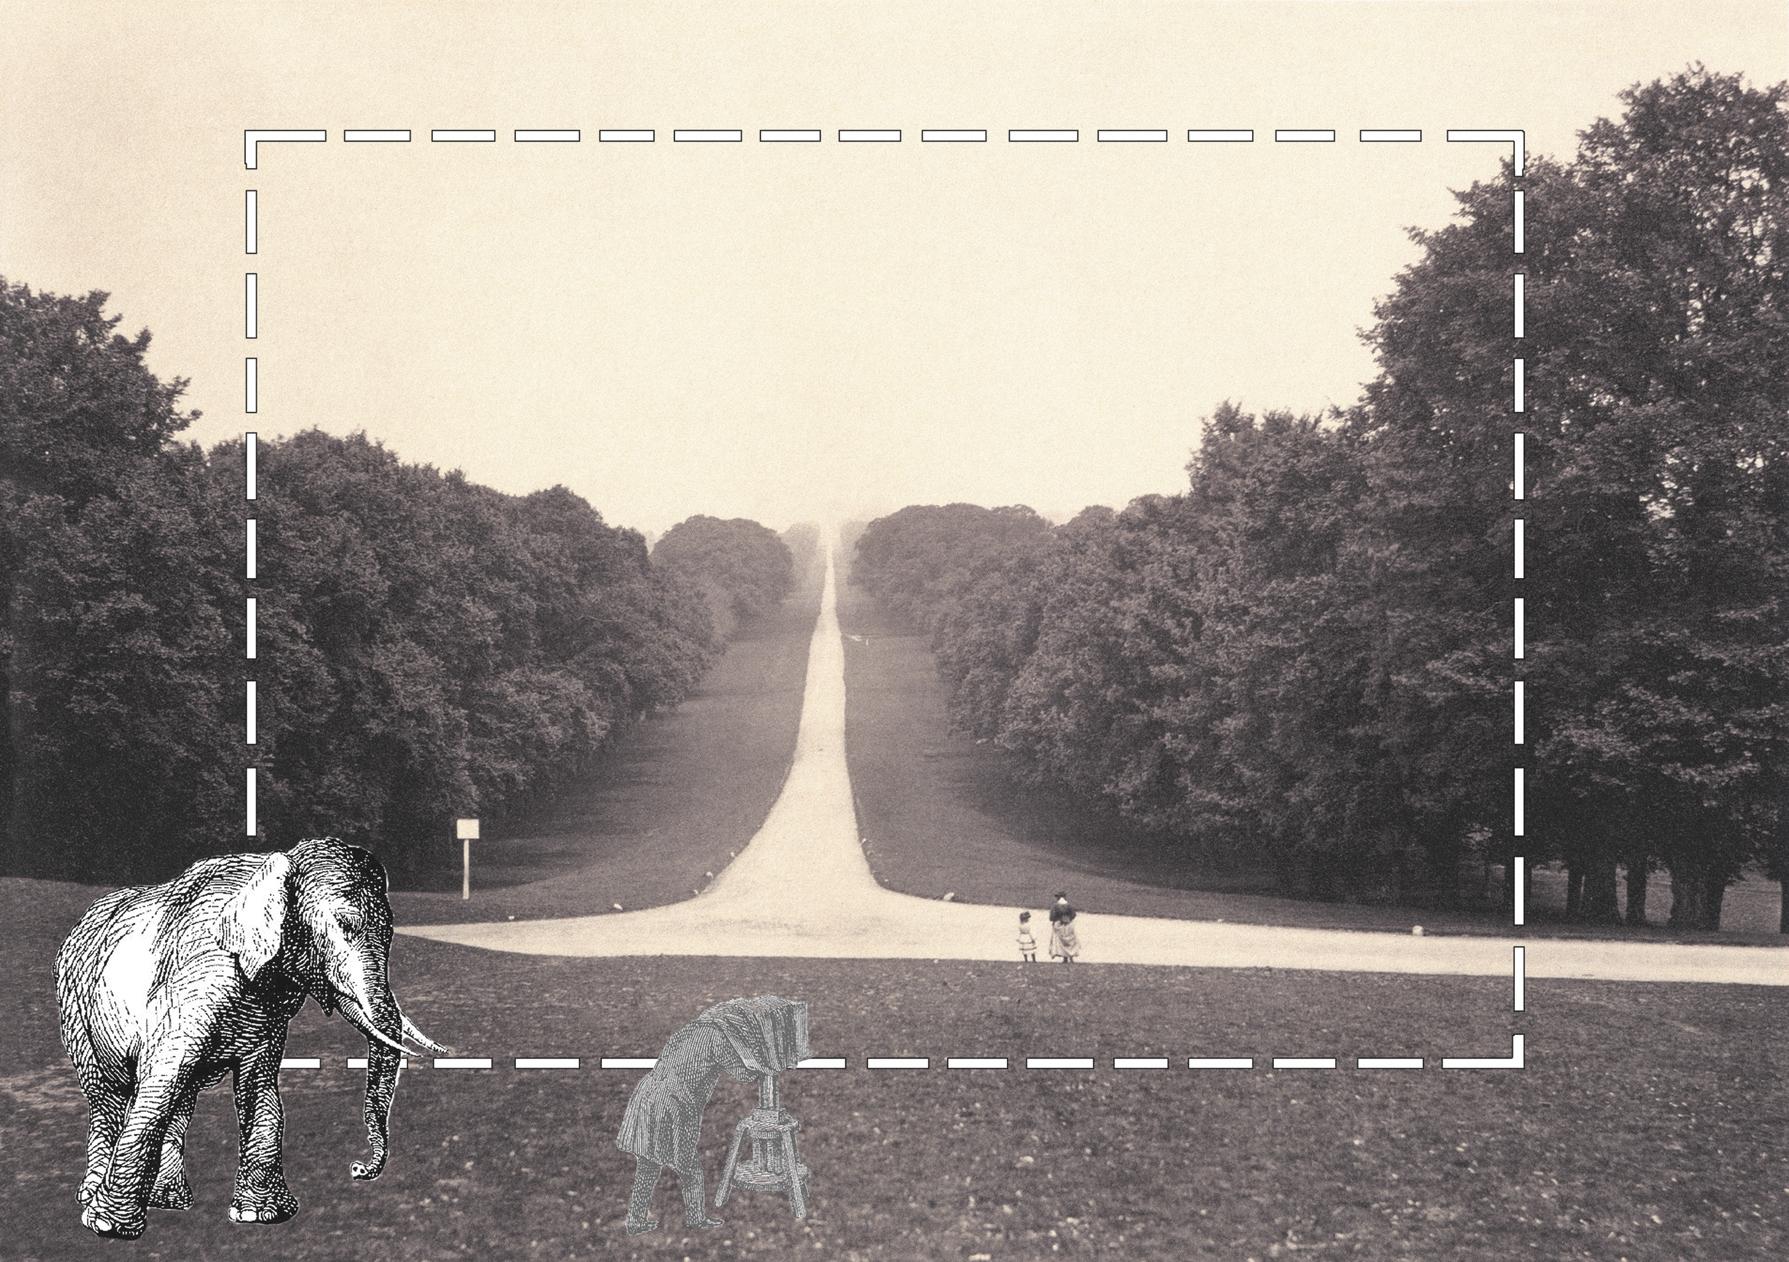 O longo passeio do castelo de Windsor (1860), foto de Roger Fenton com ilustrações de Daniel Mooney. © 2011, Sua Majestada, A Rainha Elizabeth II, RCIN 2100070.